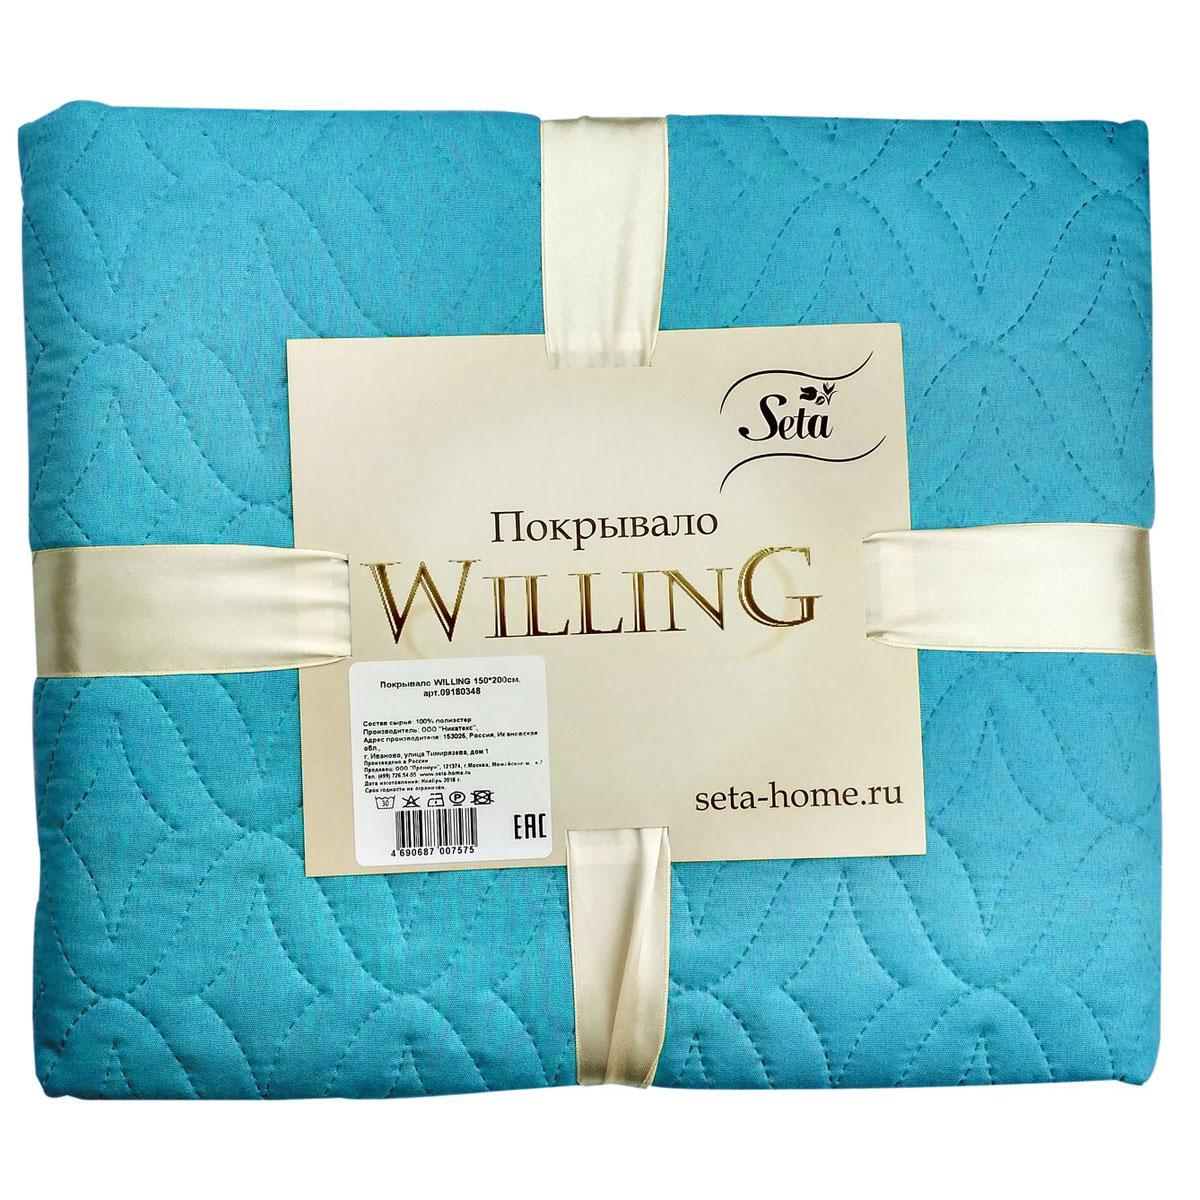 Покрывало Seta Willing, цвет: бирюзовый, 150 x 200 смES-412Прекрасные покрывала компании Seta окутают Вас теплом и лаской в самые суровые морозы. А в теплое время года придадут необыкновенную элегантность интерьеру Вашего дома